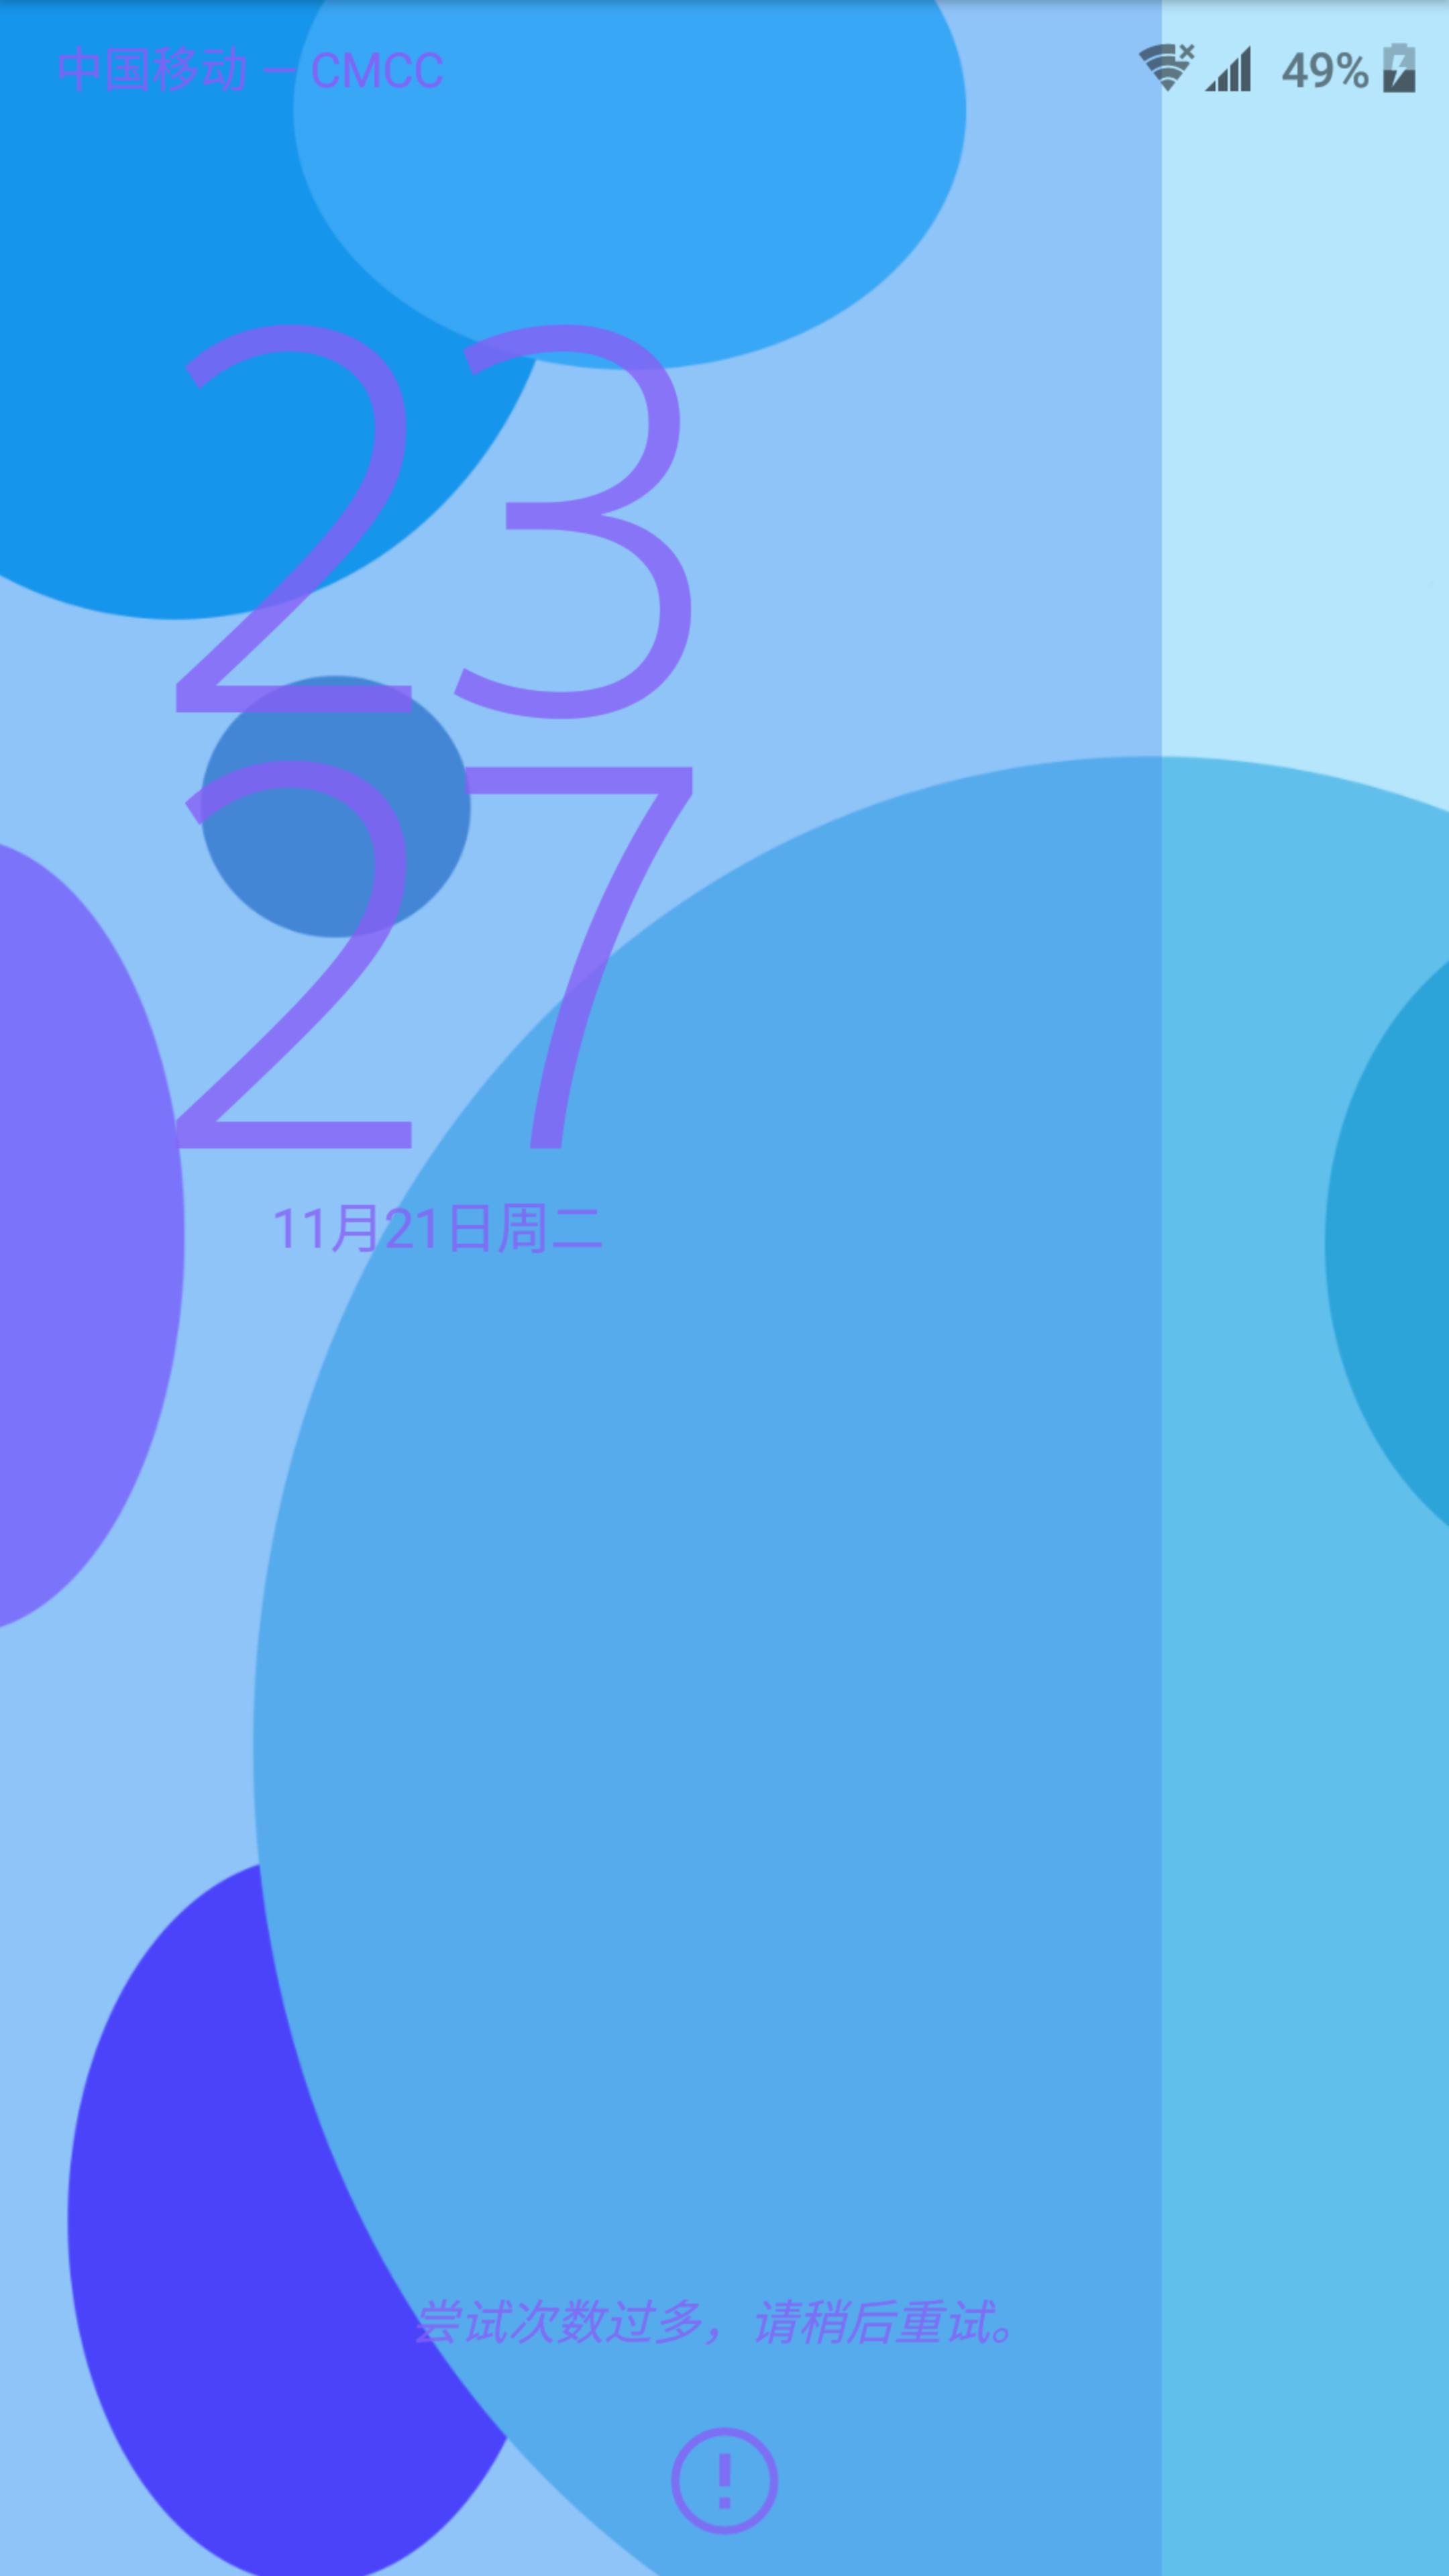 sony蓝色简约主题 v3.00图